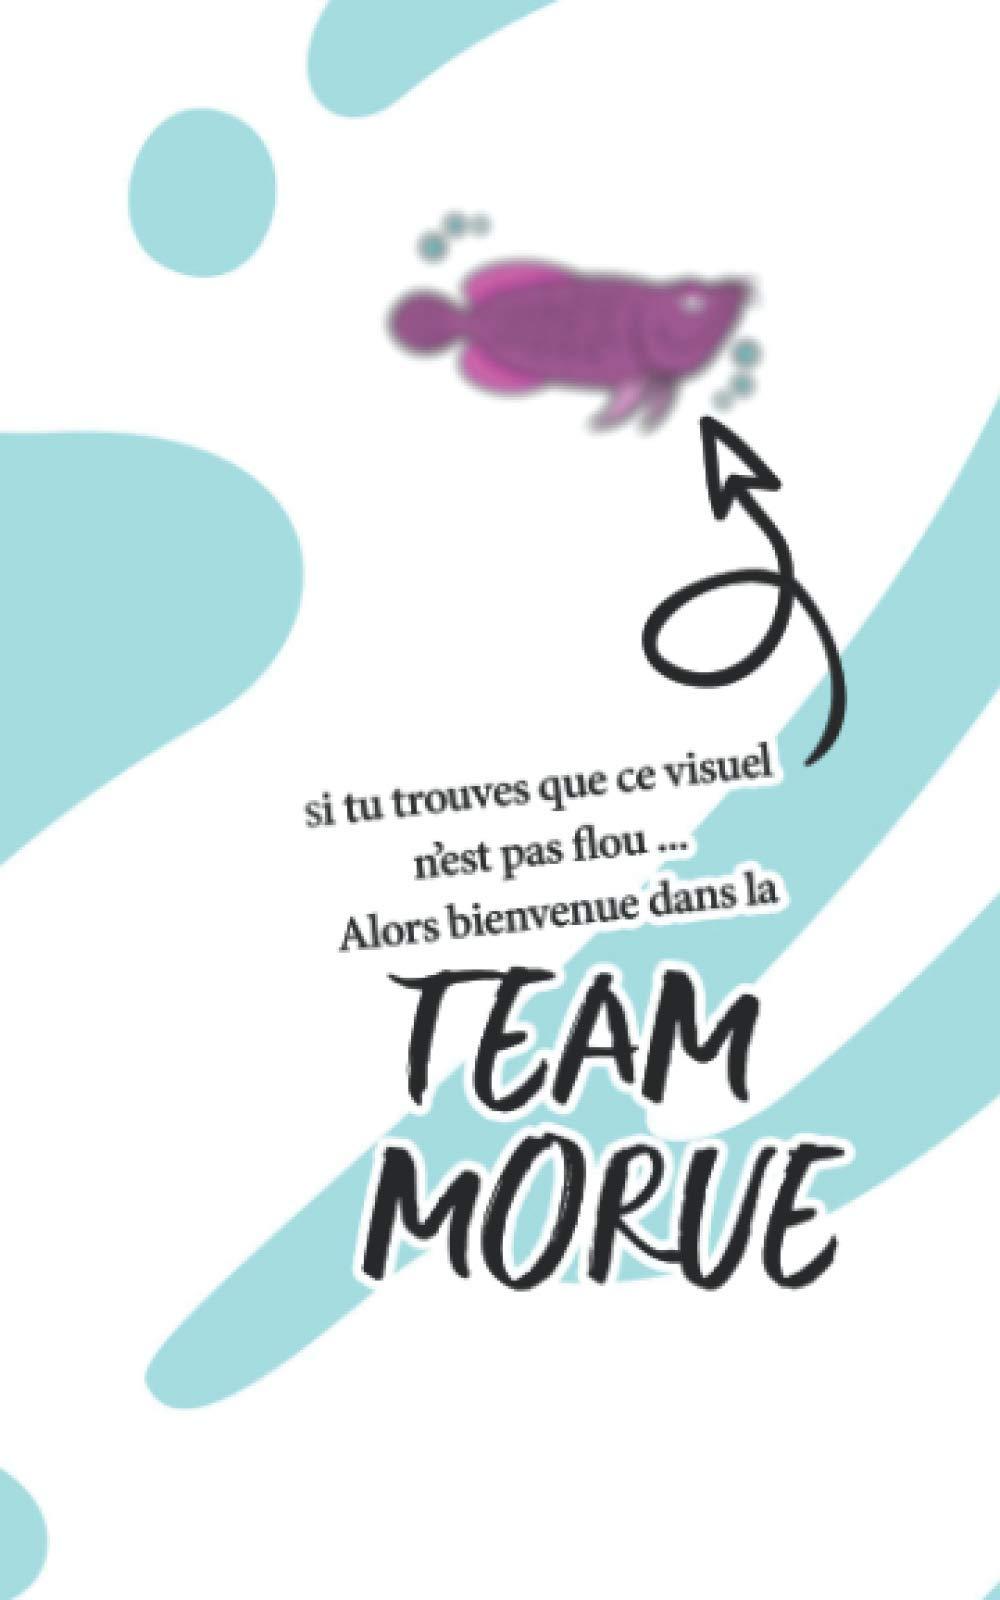 TEAM MORUE – le carnet de notes | humour | ⚠️ Drôle | amies 🎁 | blague | cadeau copine | soirées : Carnet de note 86 pages